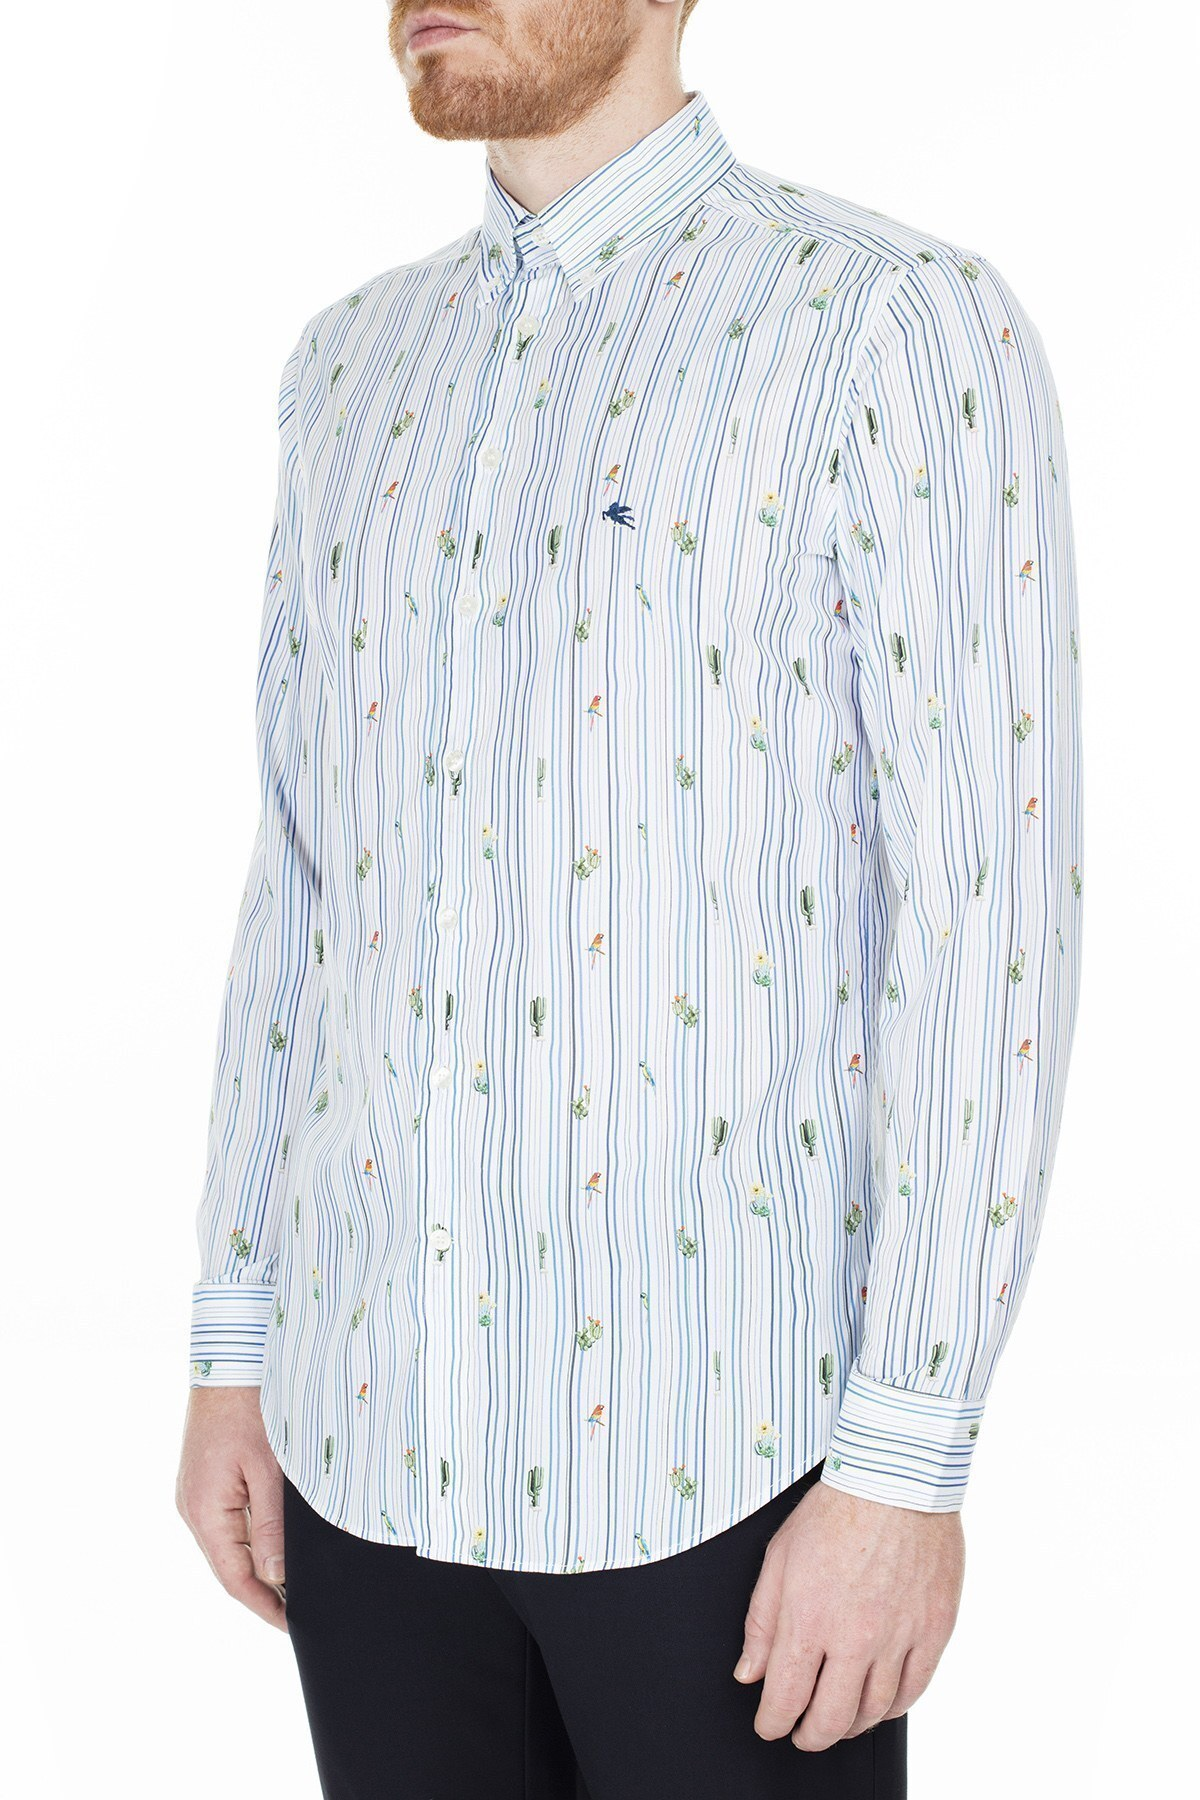 Etro Slim Fit Erkek Gömlek 1K964 6250 990 BEYAZ